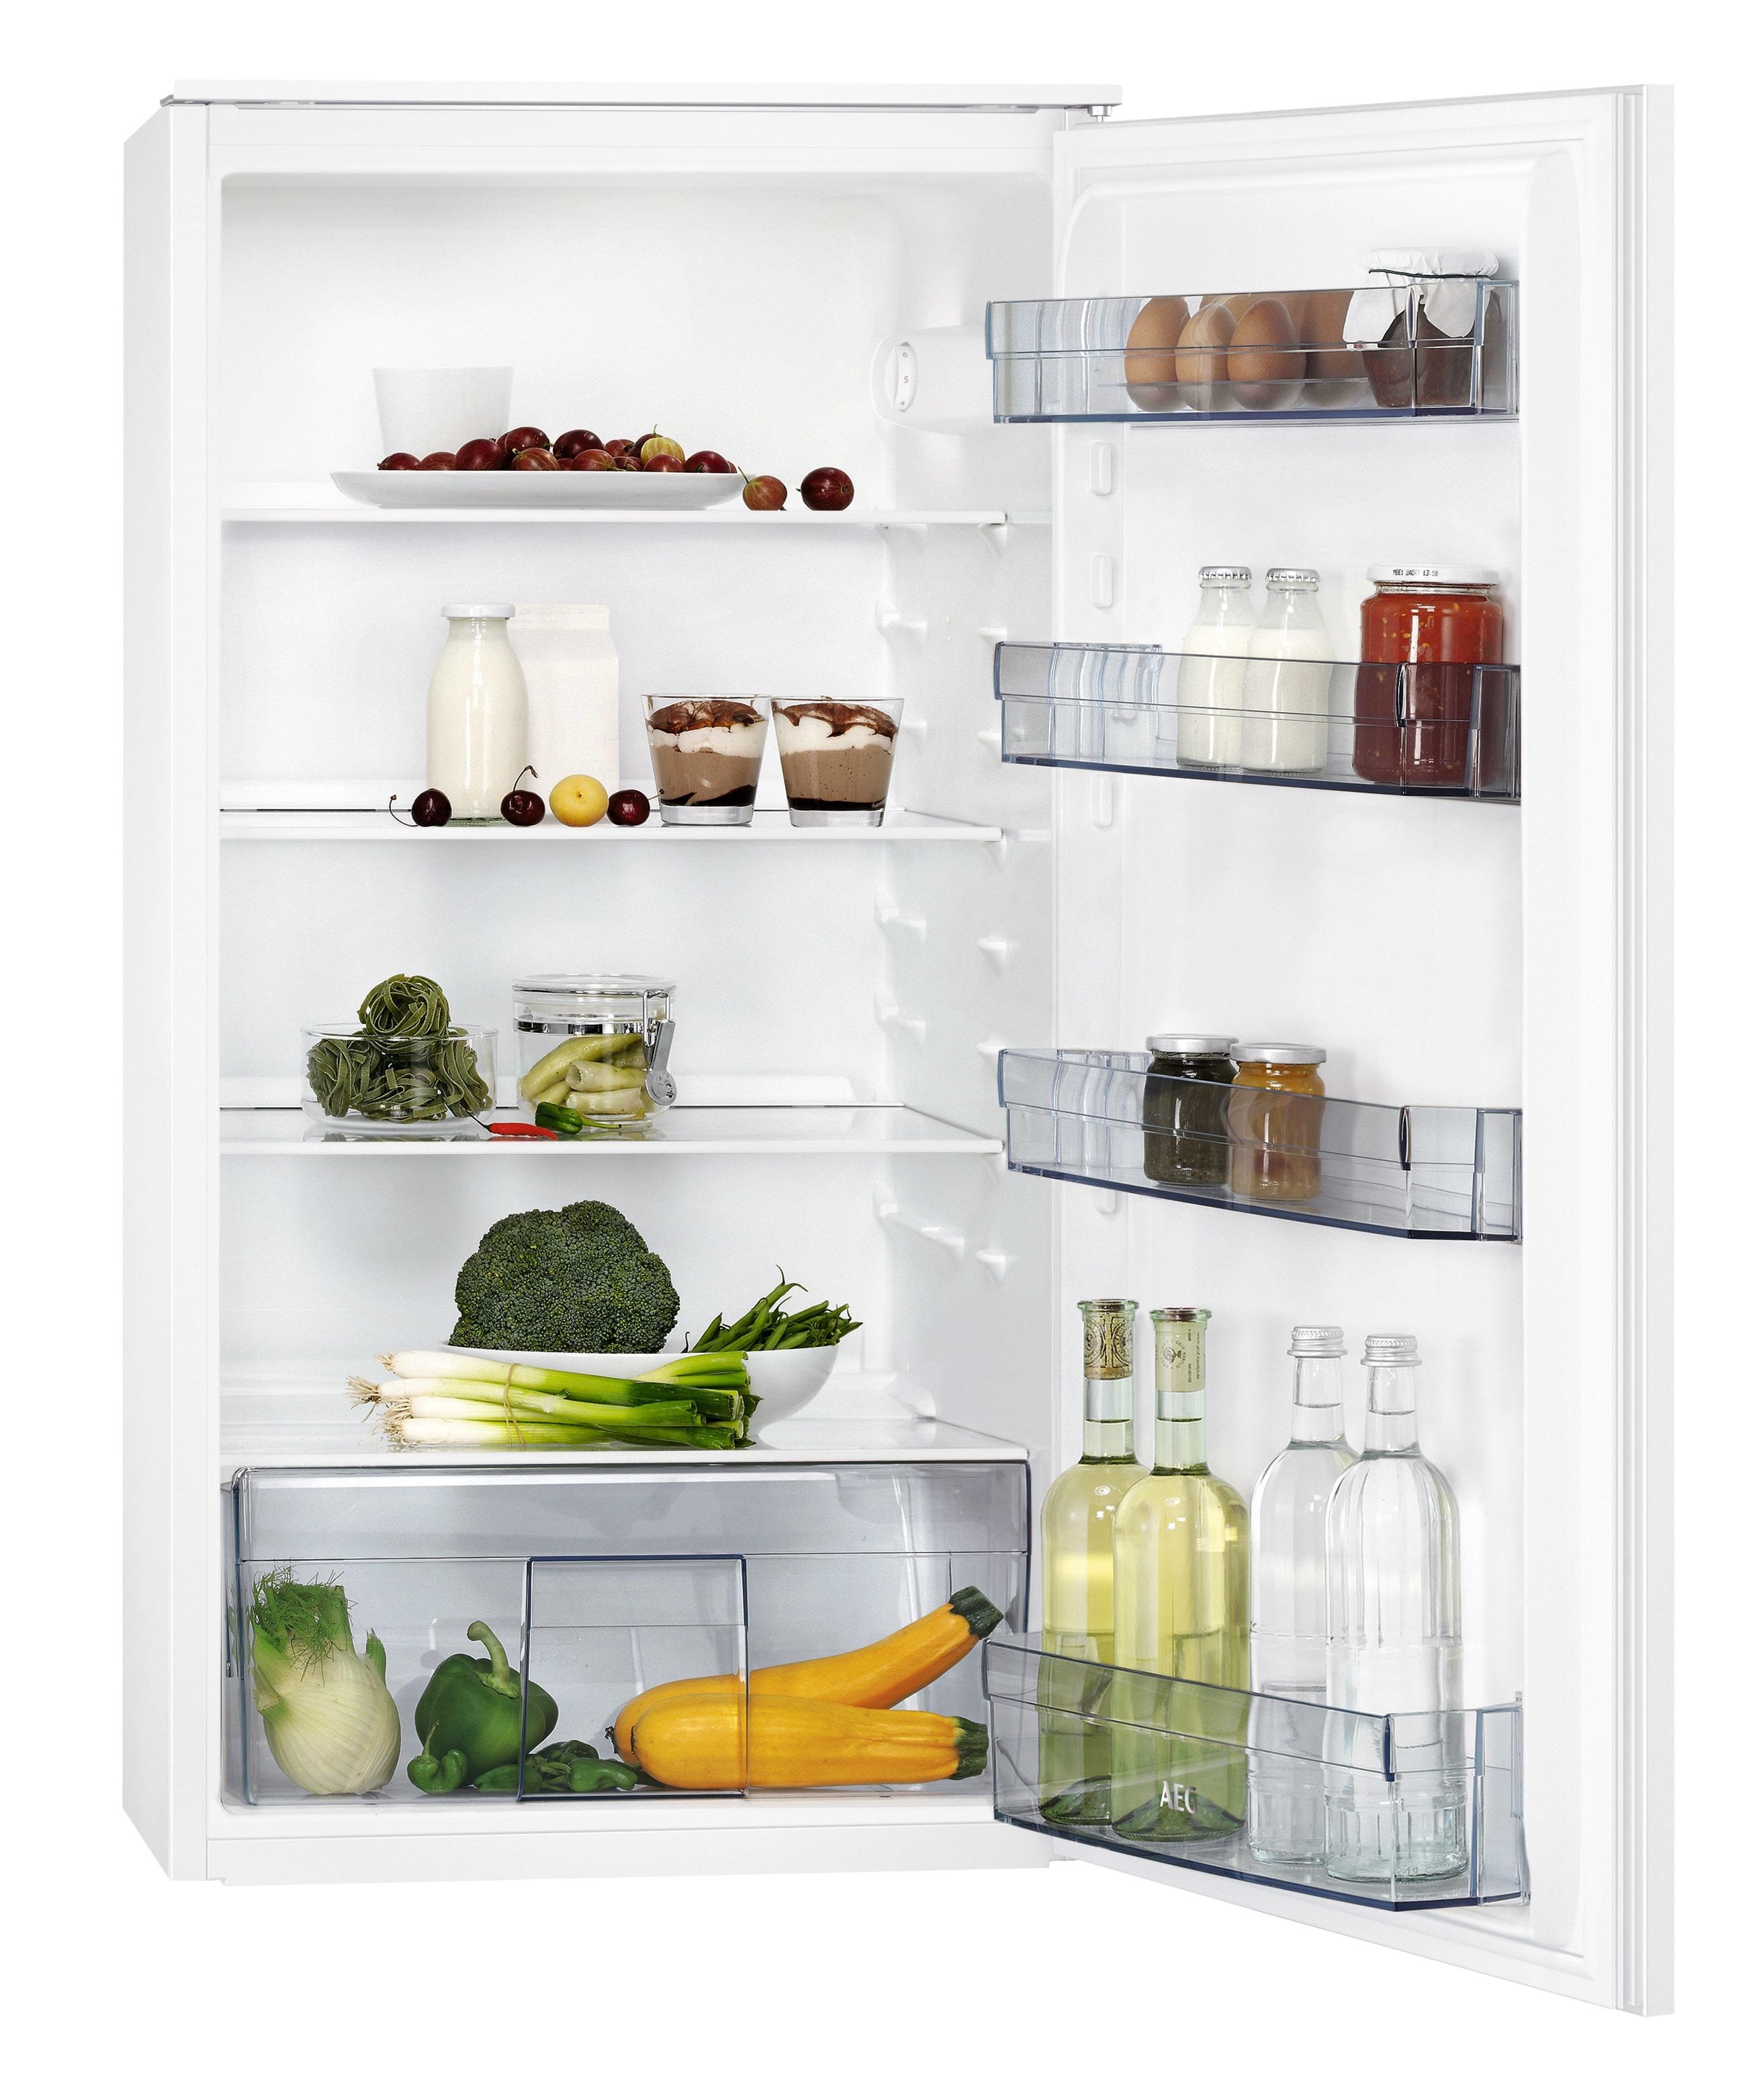 AEG SKB410F1AS Inbouw koelkast Wit